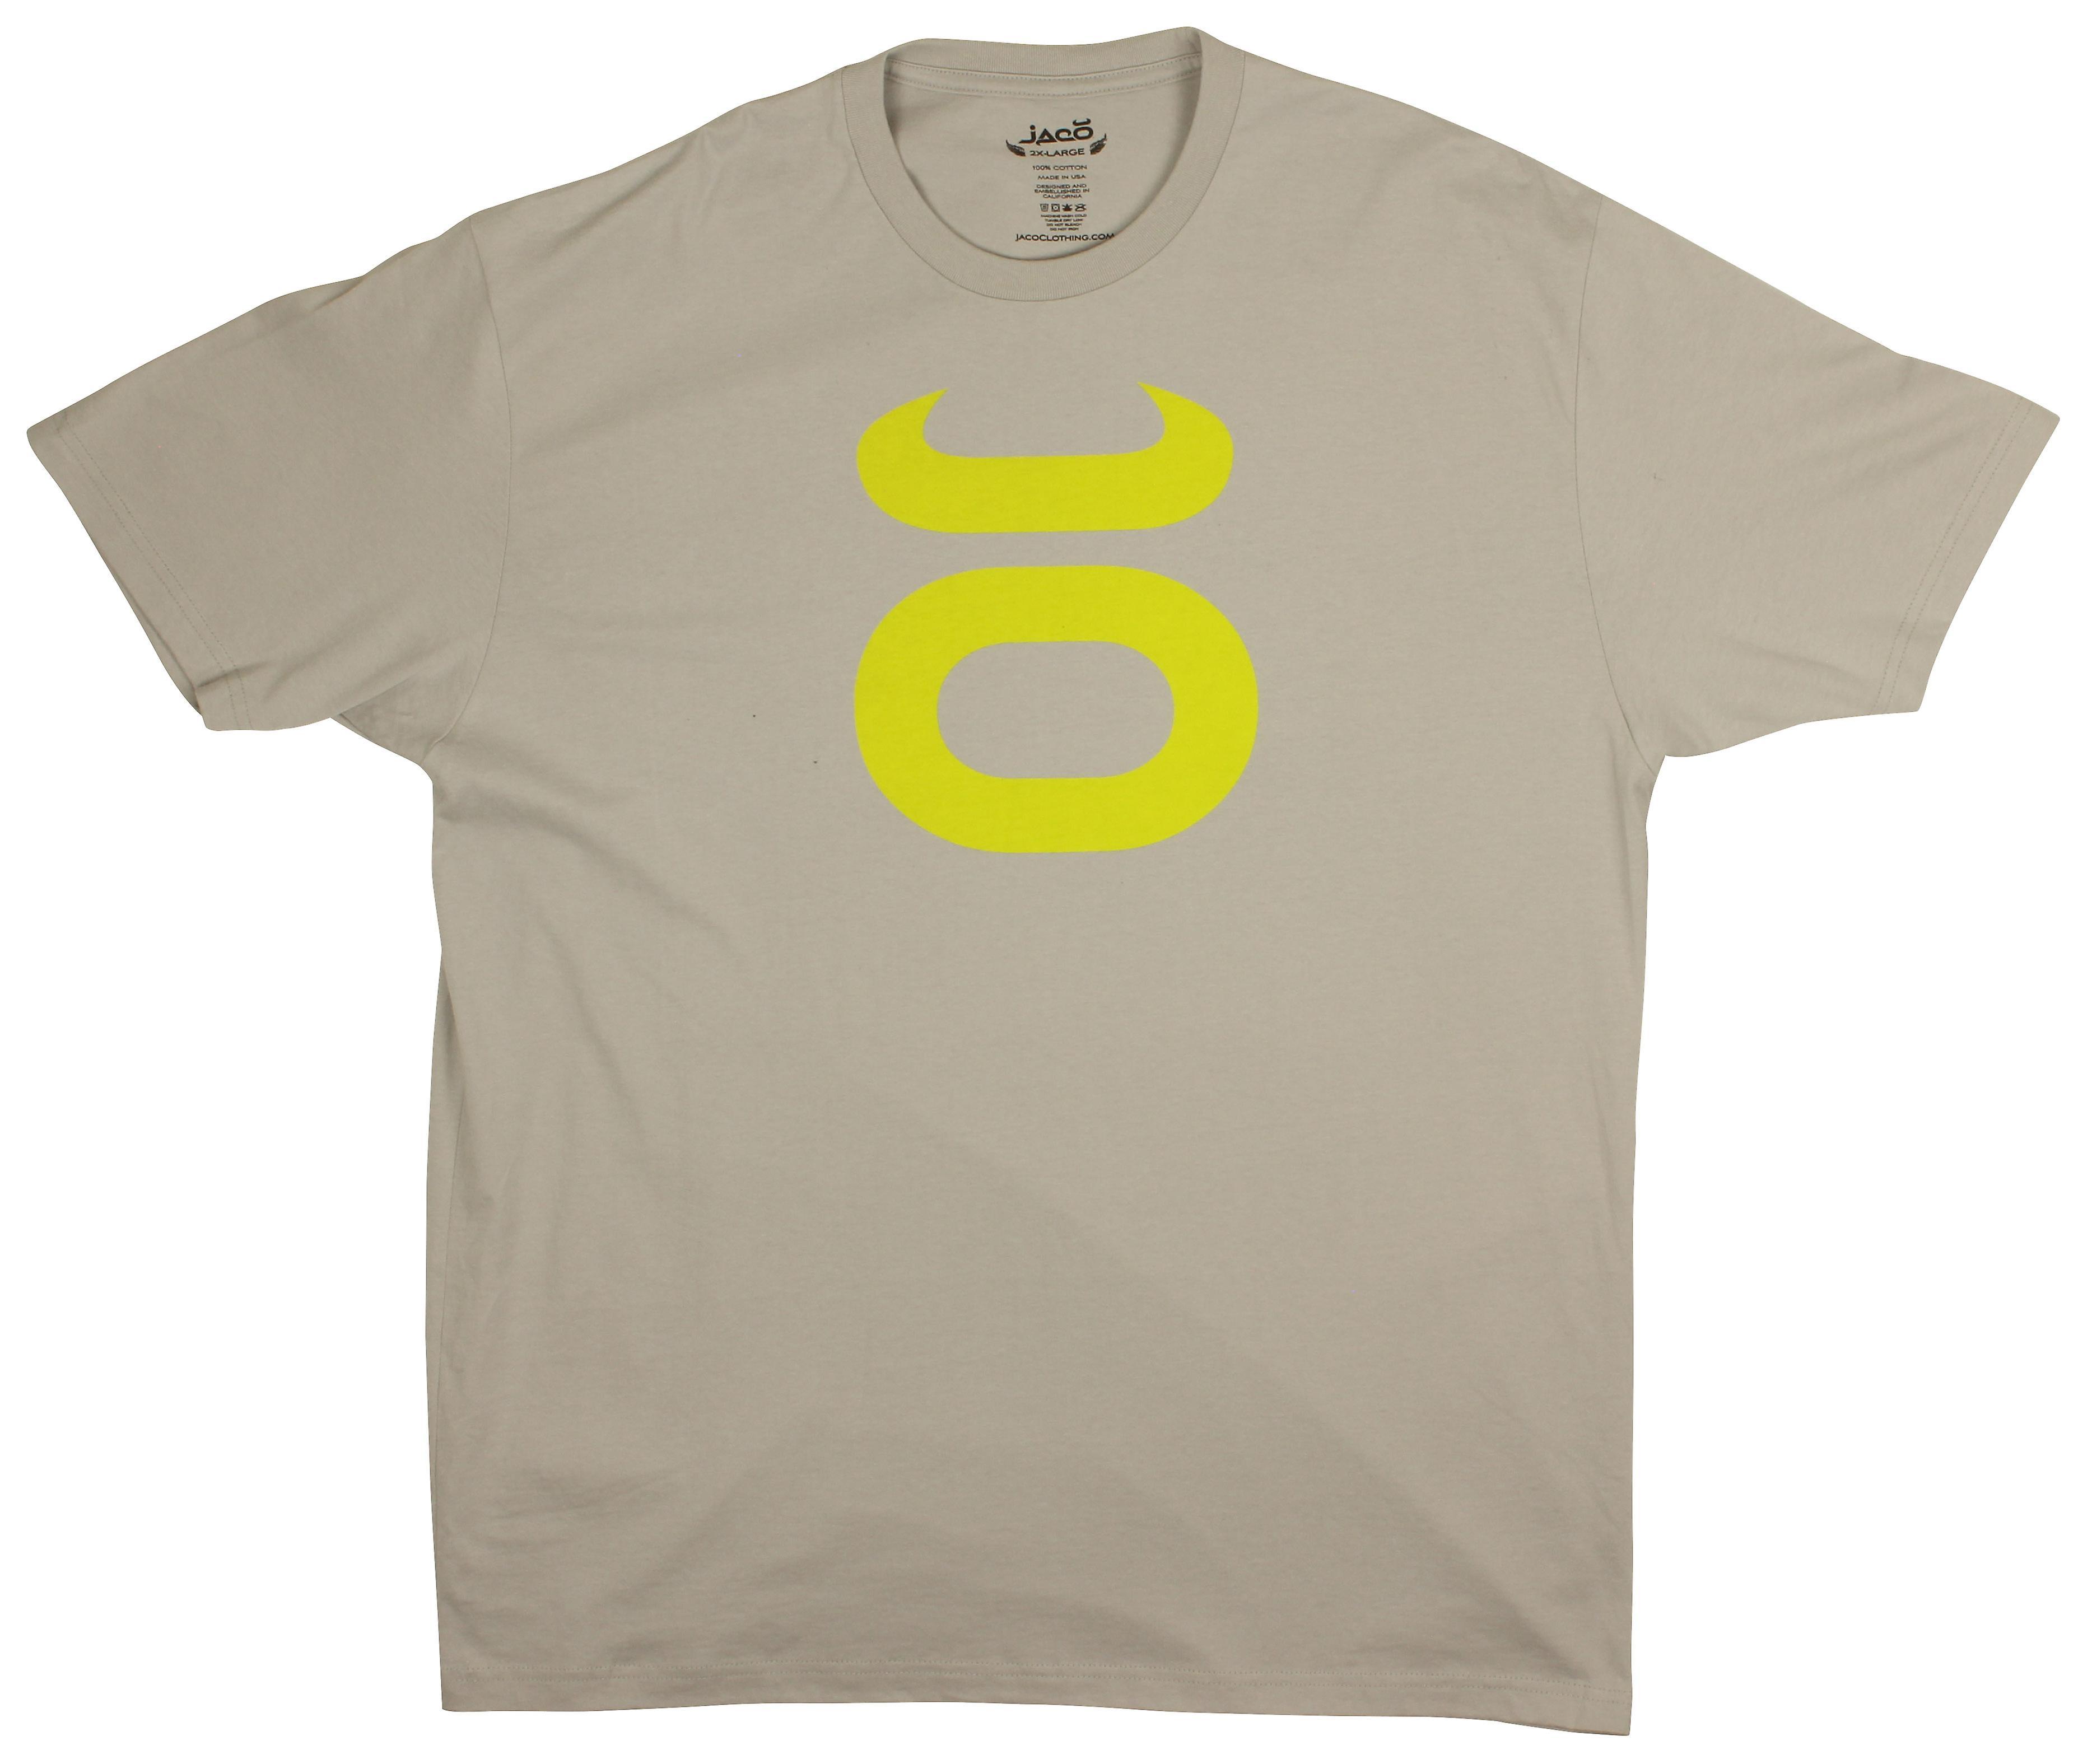 Jaco Clothing Usa